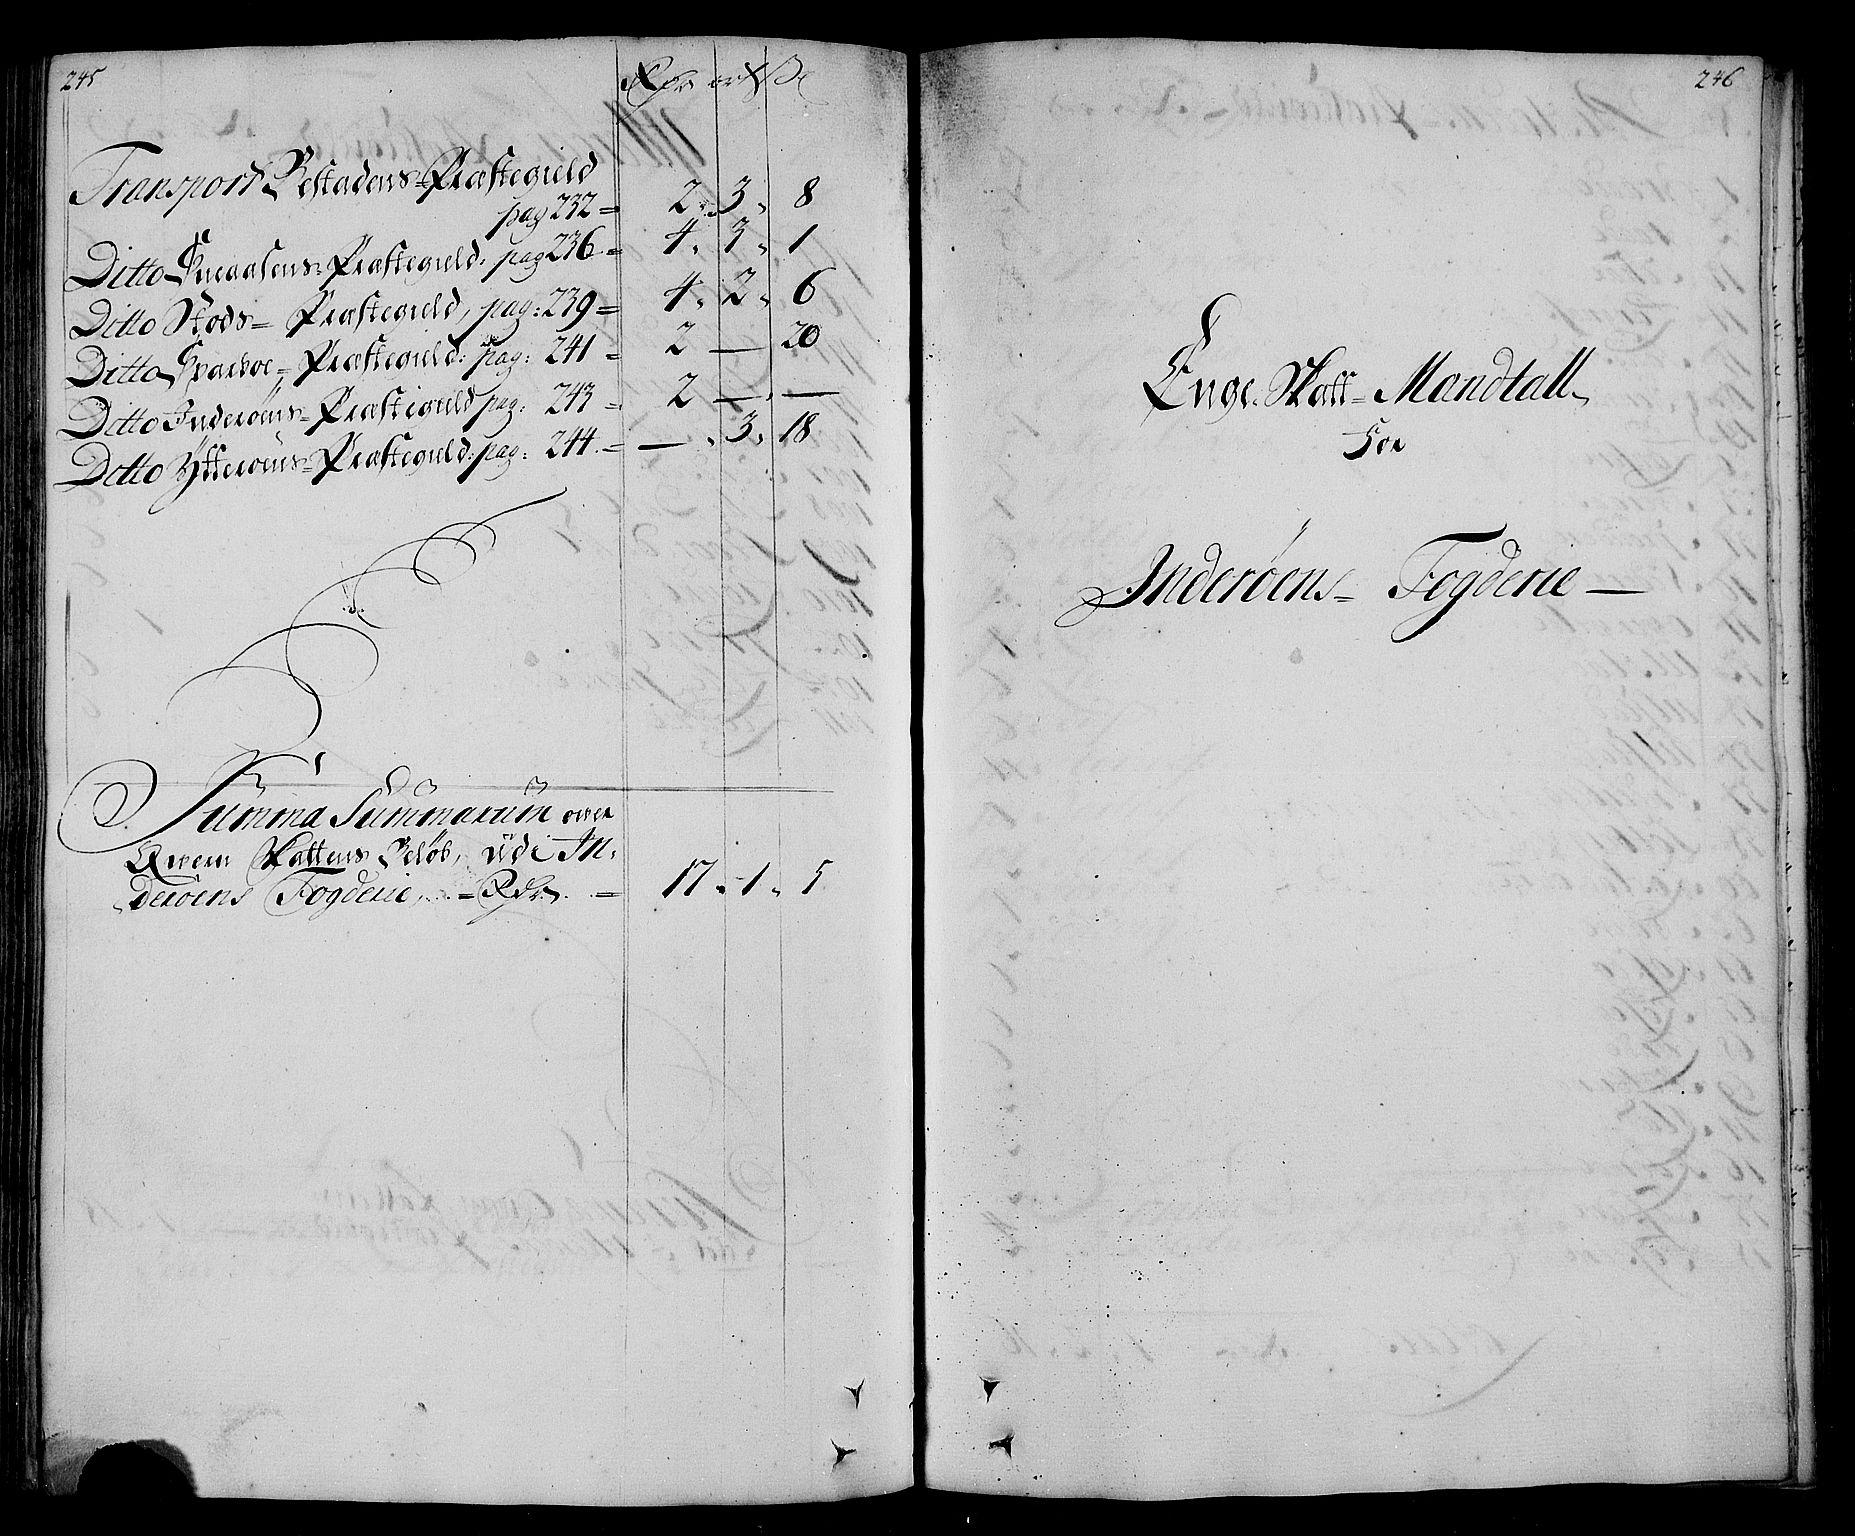 RA, Rentekammeret inntil 1814, Realistisk ordnet avdeling, N/Nb/Nbf/L0167: Inderøy matrikkelprotokoll, 1723, s. 245-246